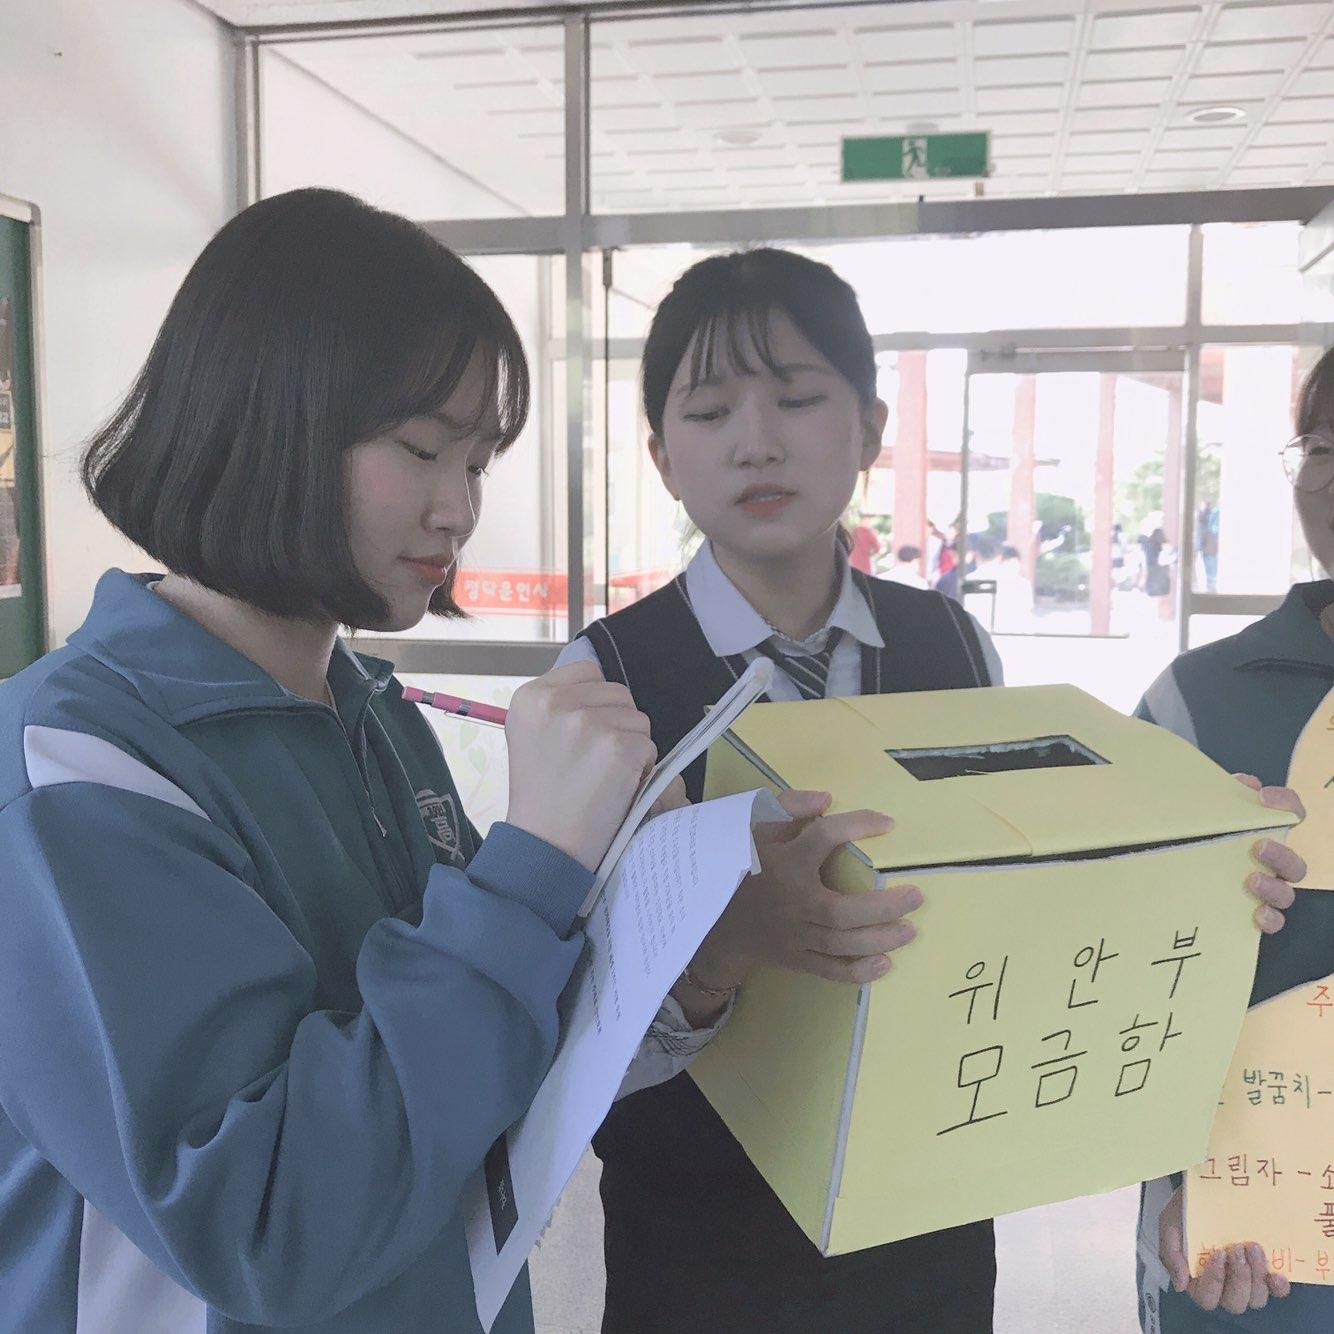 김해삼문고 봉사부 부장인터뷰.jpg